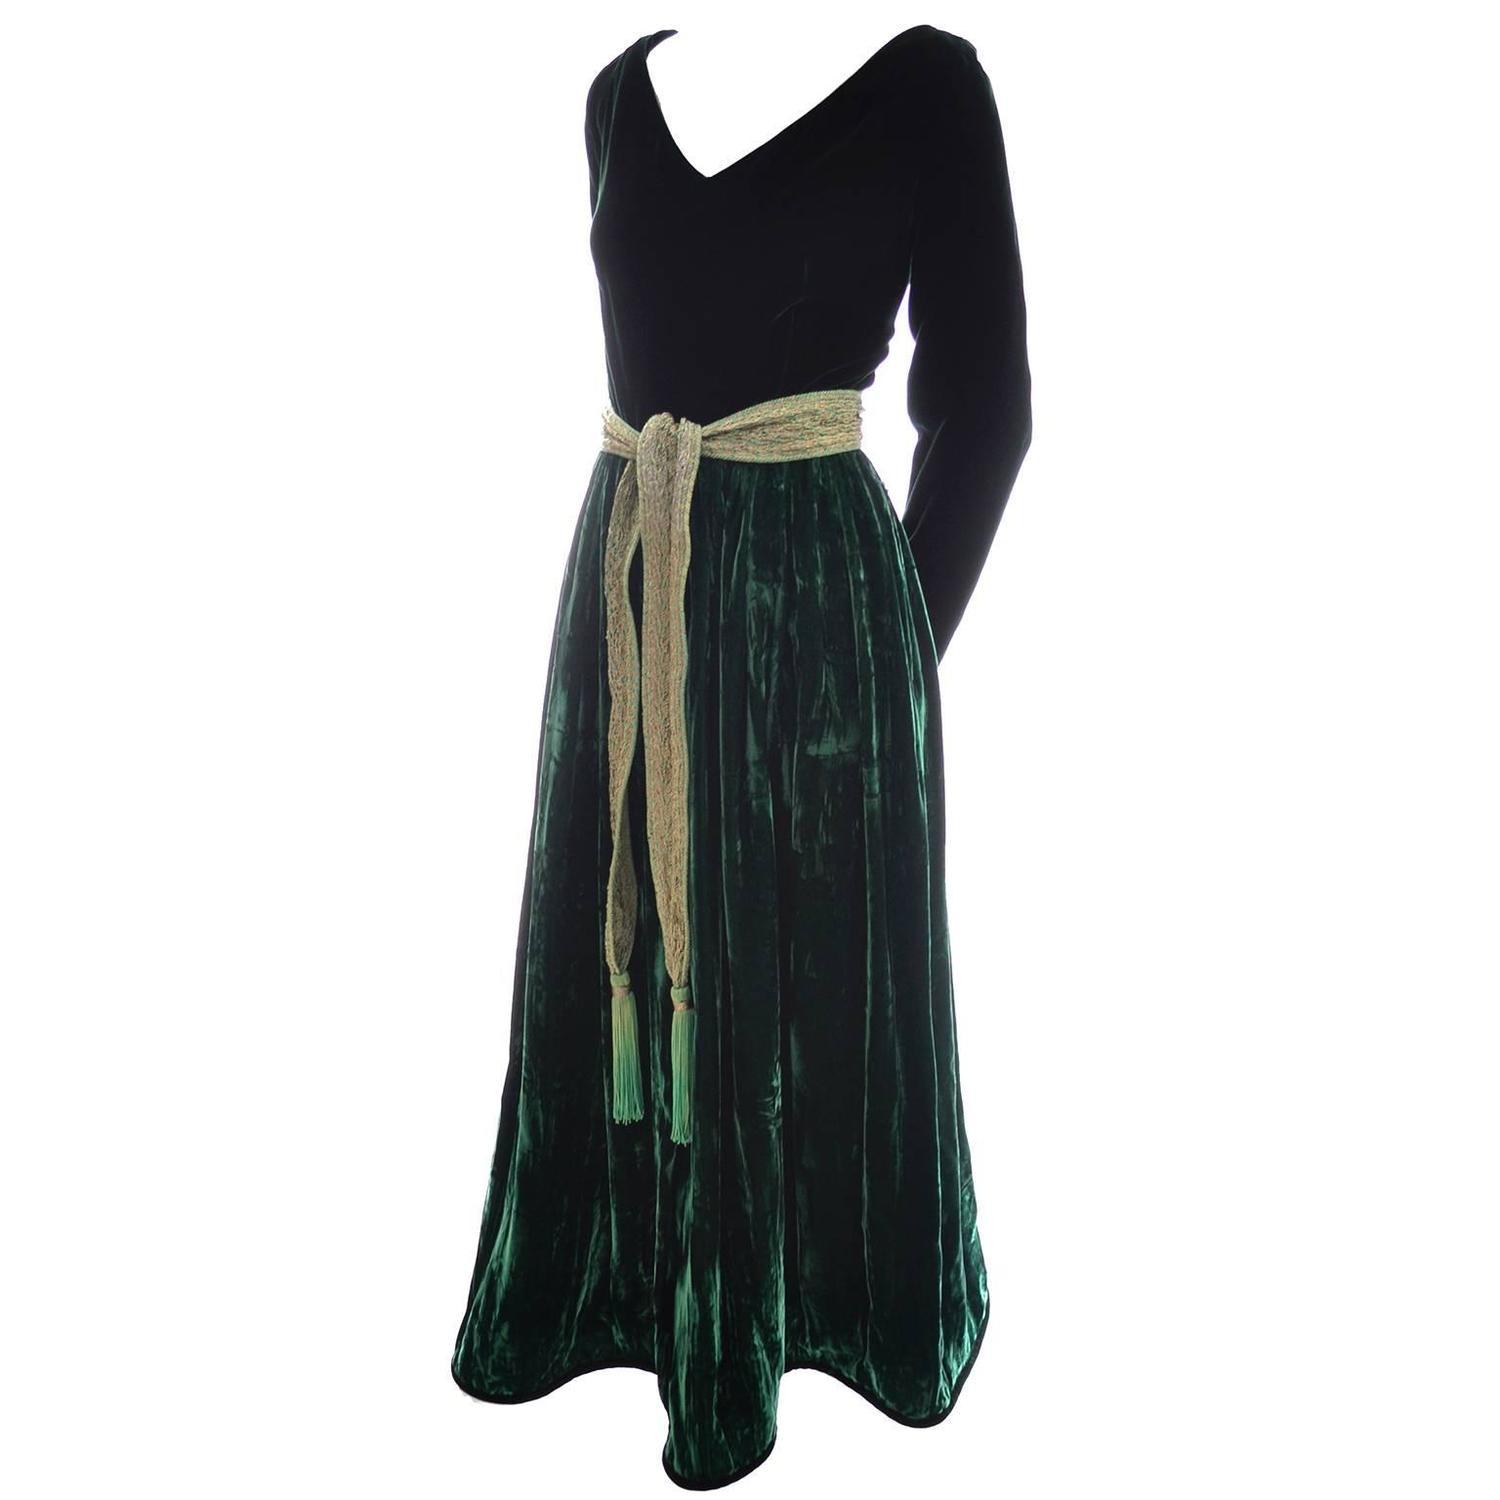 Oscar de la Renta Vintage Green Velvet Evening Gown Formal Dress For ...